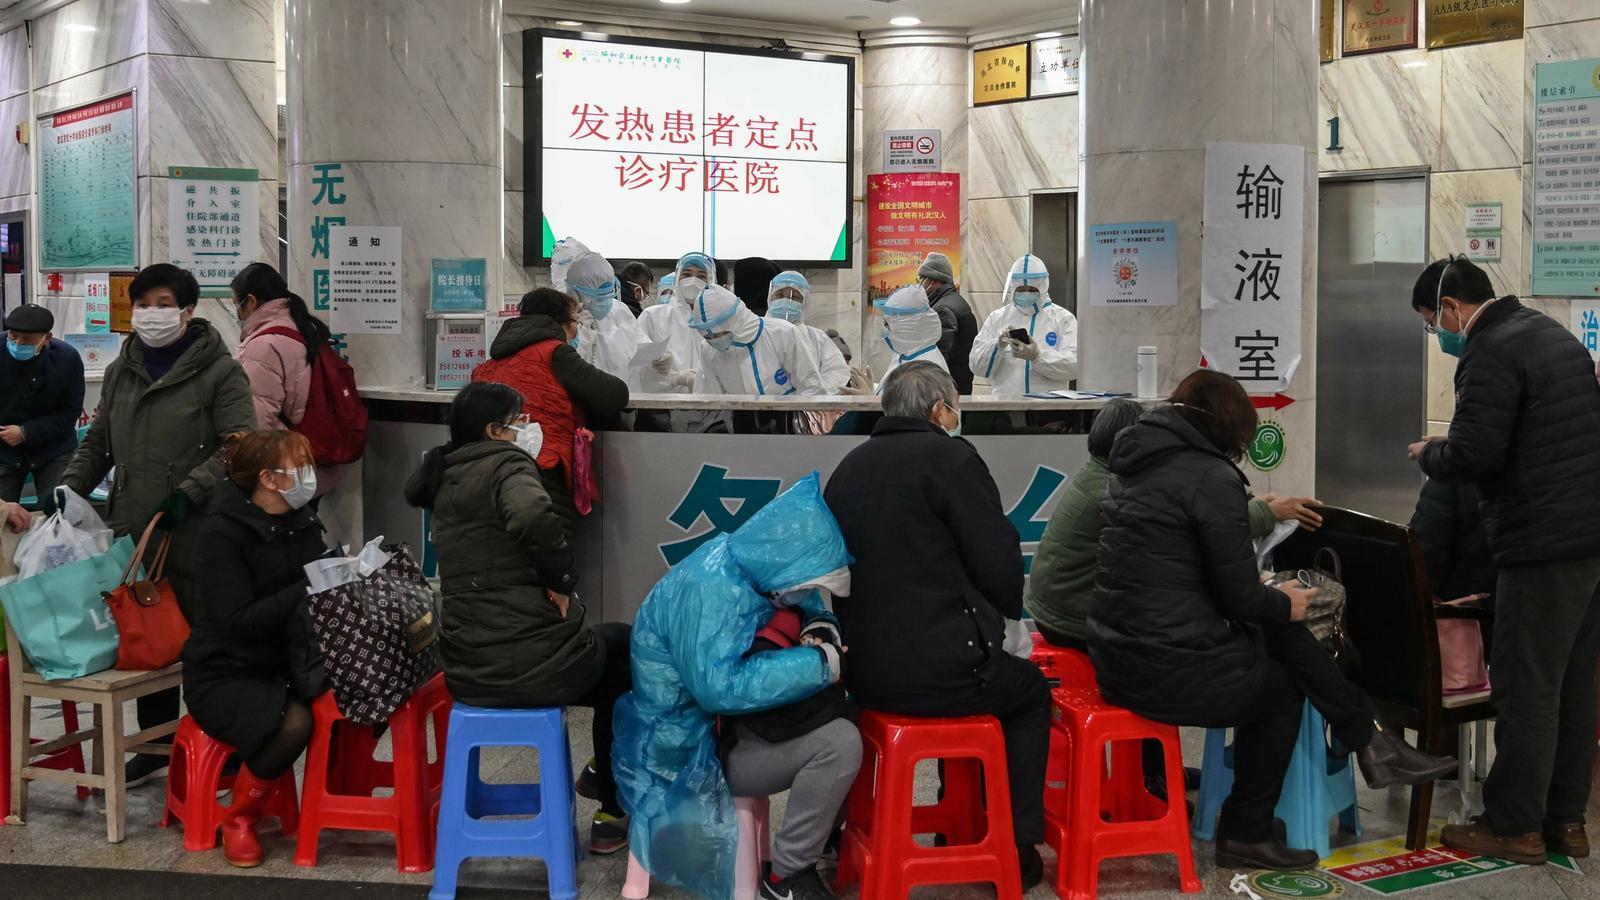 Gent esperant al personal mèdic, al fons amb roba de protecció, a l'Hospital de la Creu Roja de Wuhan